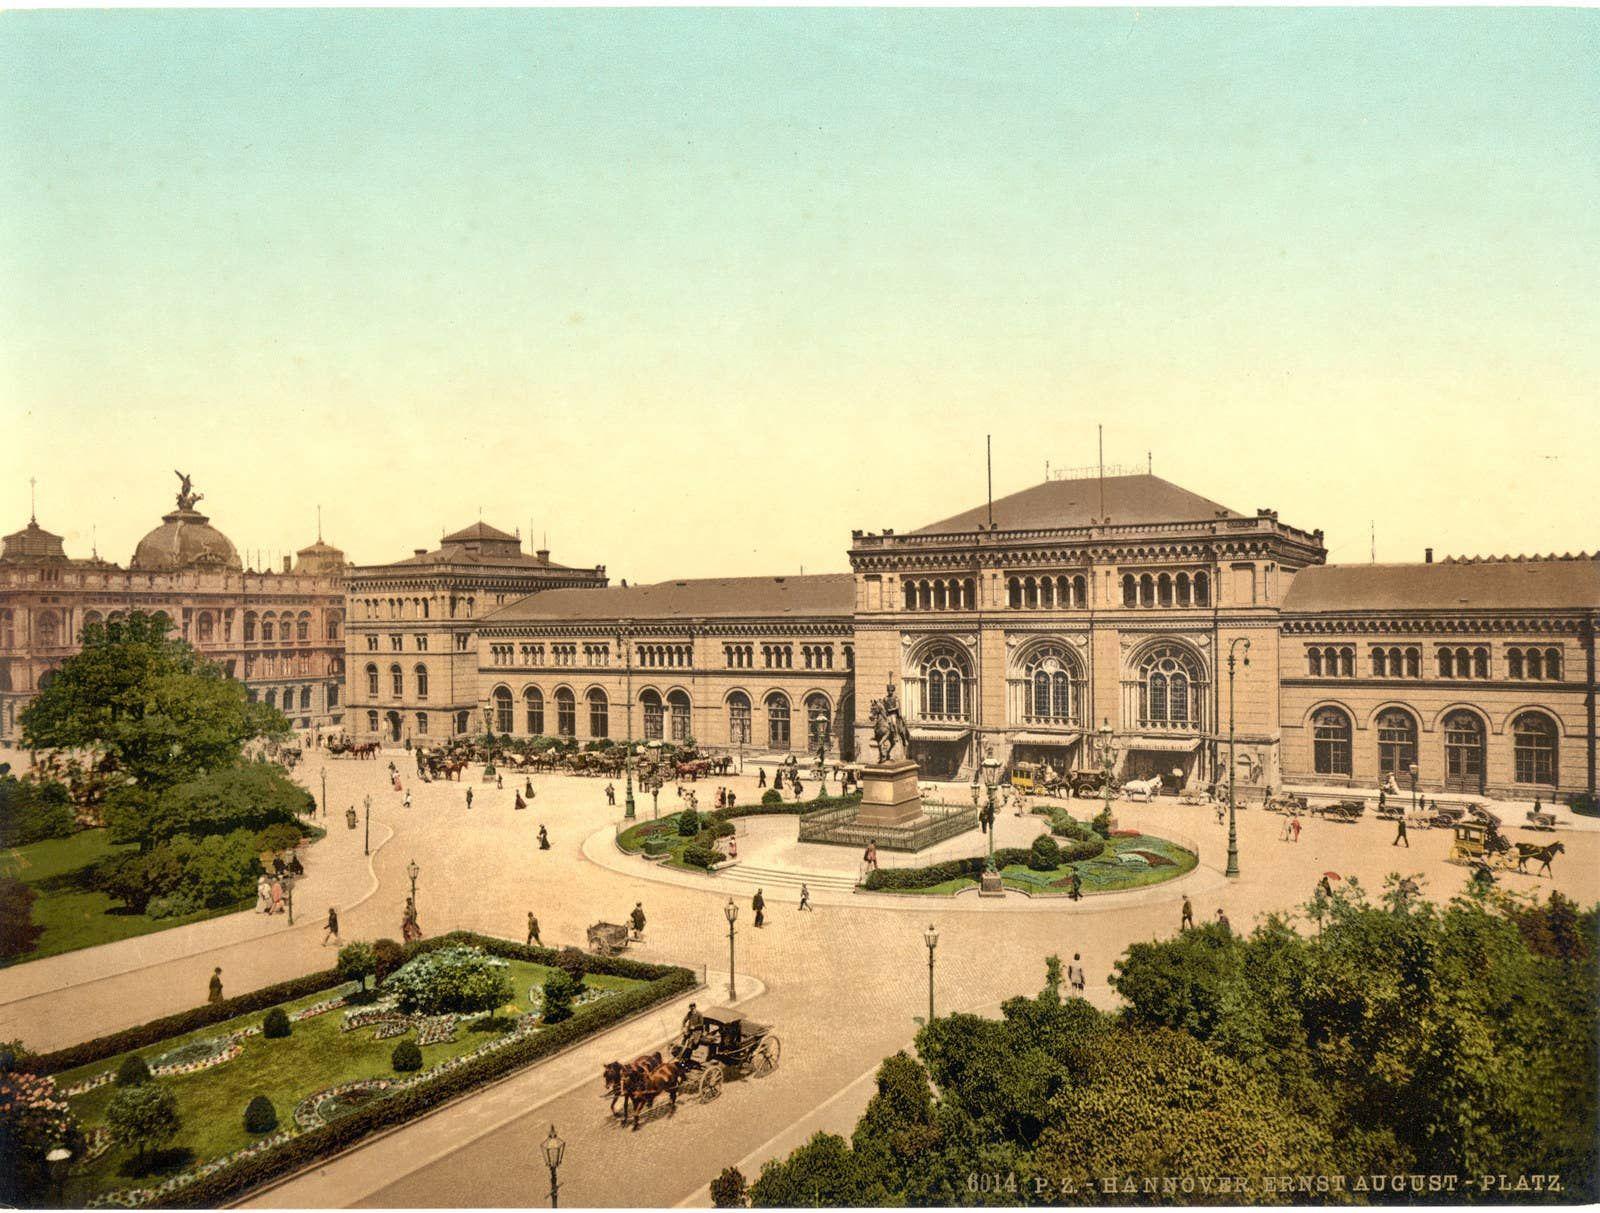 Hannover Ernst August Platz Zwischen 1890 Und 1900 Hinten Links Im Bild Ist Die Kumpel Des Alten Postamtes Zusehen Heut Hannover Hanover Germany Ernst August